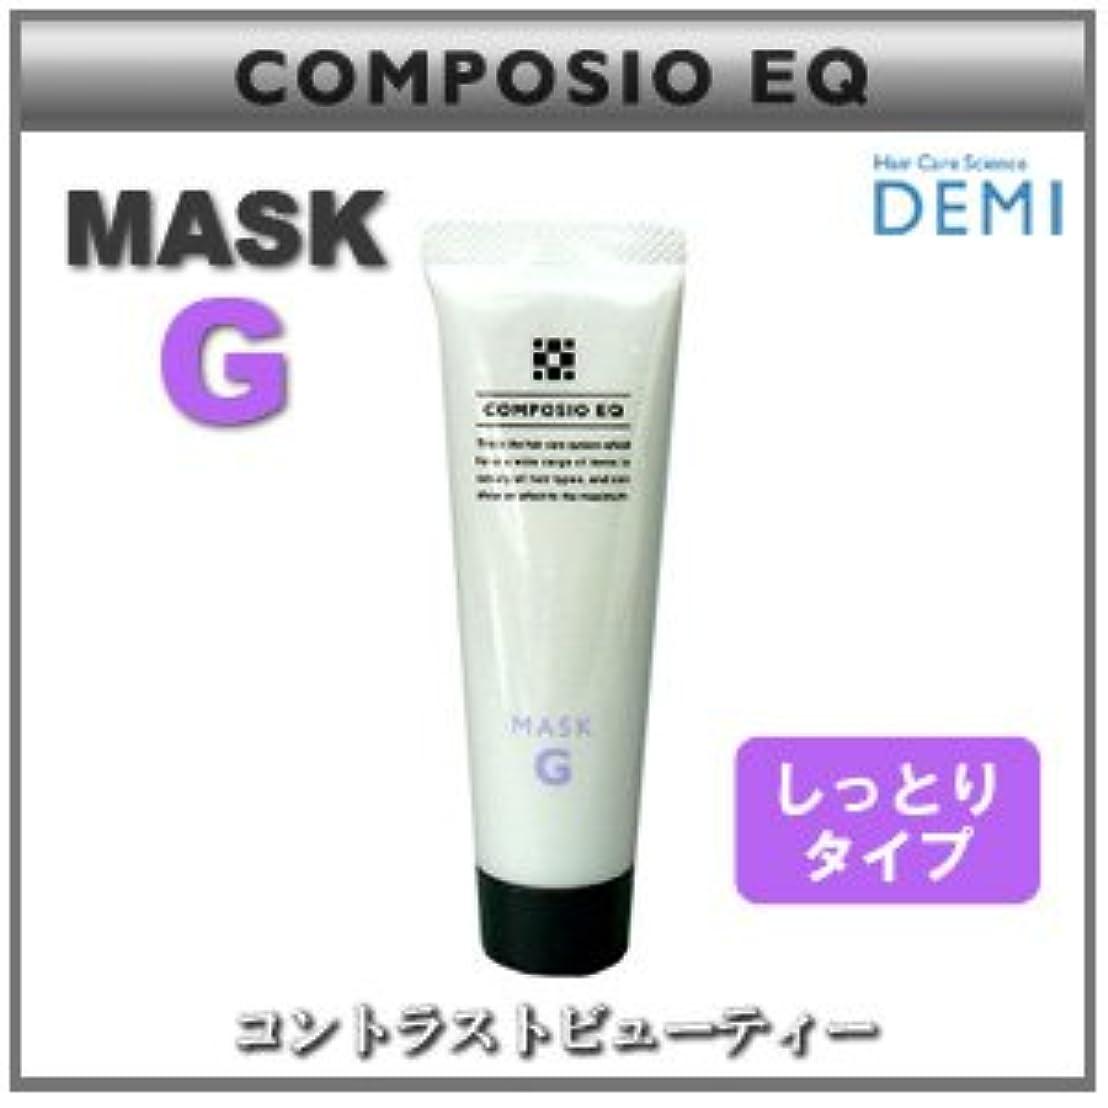 世紀オーク活気づける【X4個セット】 デミ コンポジオ EQ マスク G 50g